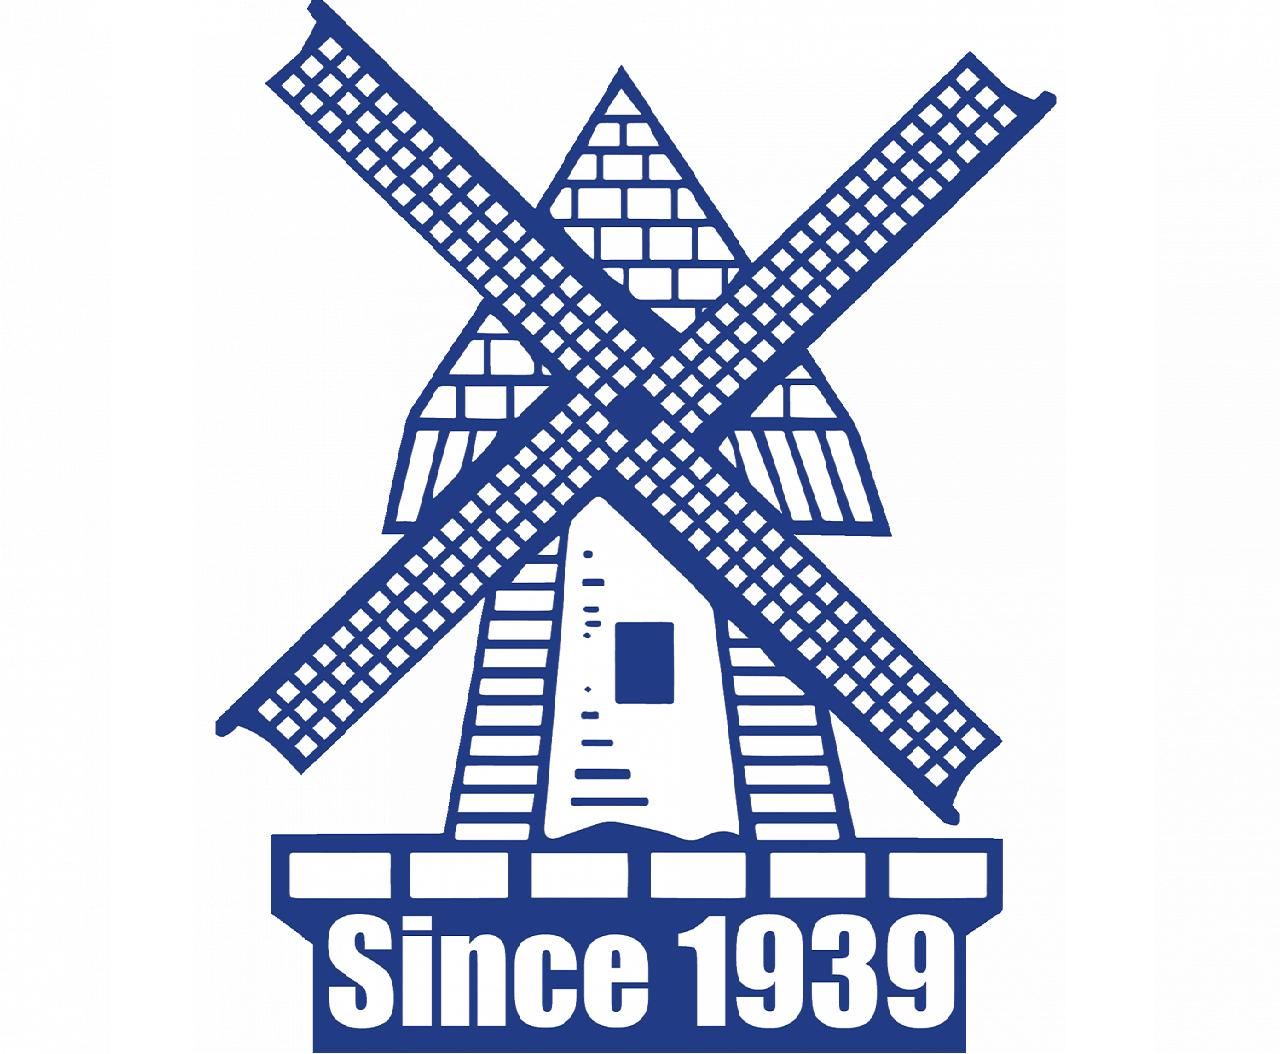 23533325 detroit 60 ser 12 7 price 300 00 [ 1280 x 960 Pixel ]